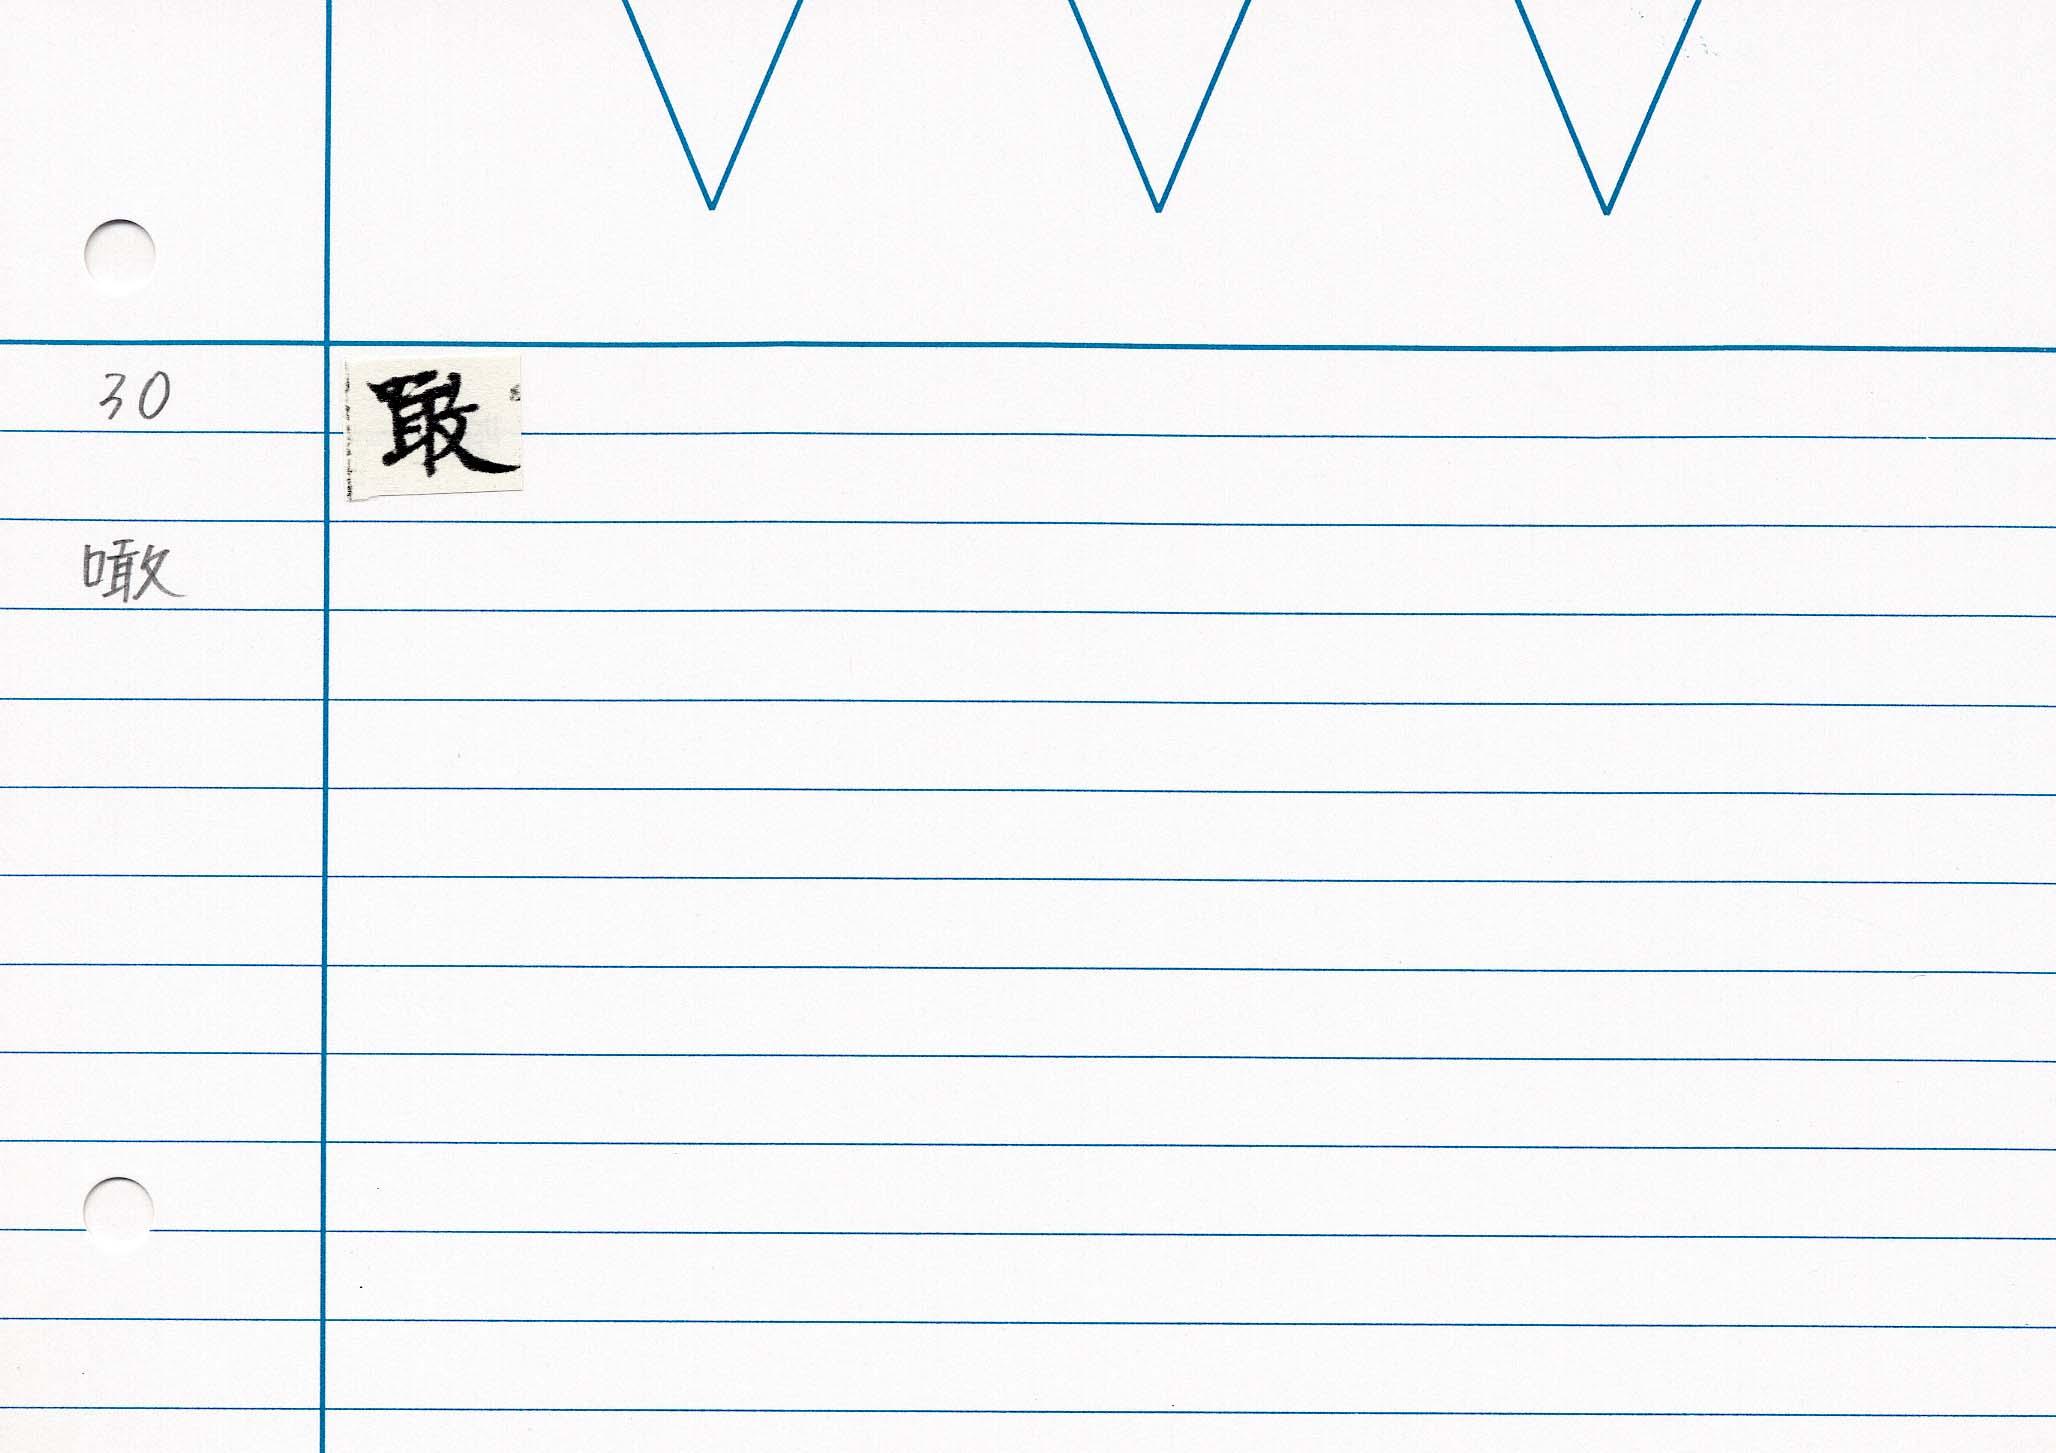 60_佛説大教王經卷一(東禪寺版日本寫本)/cards/0034.jpg